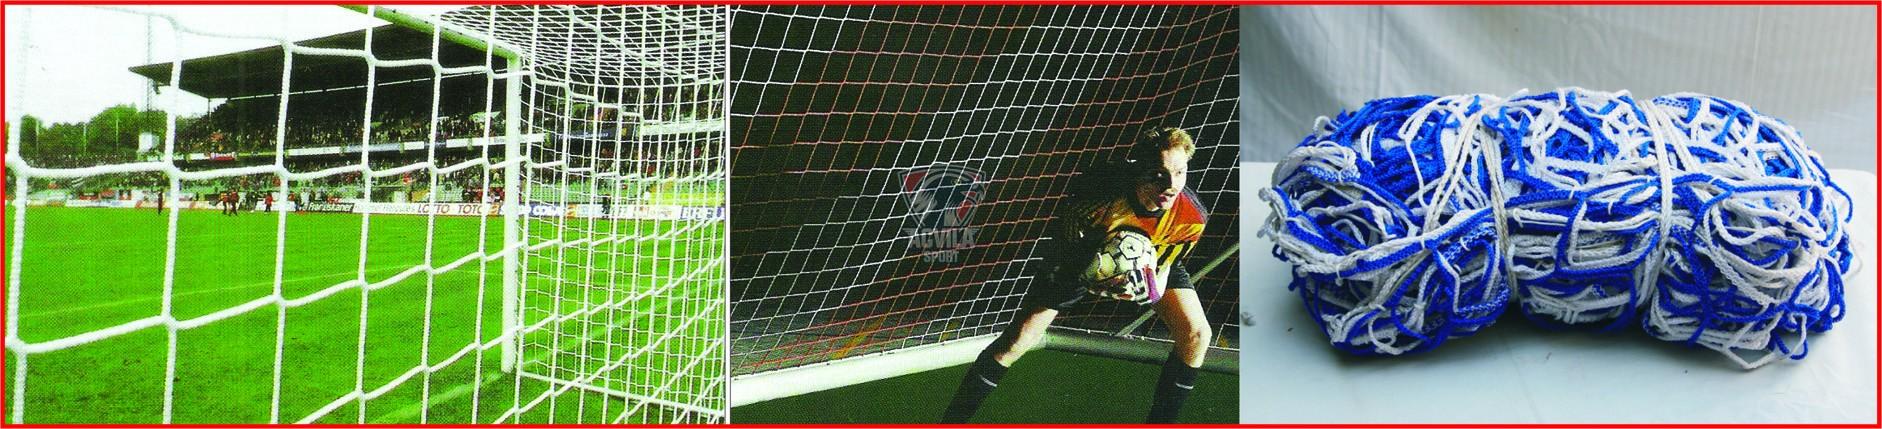 photo 1 Plasa porti fotbal VIXEN 7,5mx2,5m (4mm)